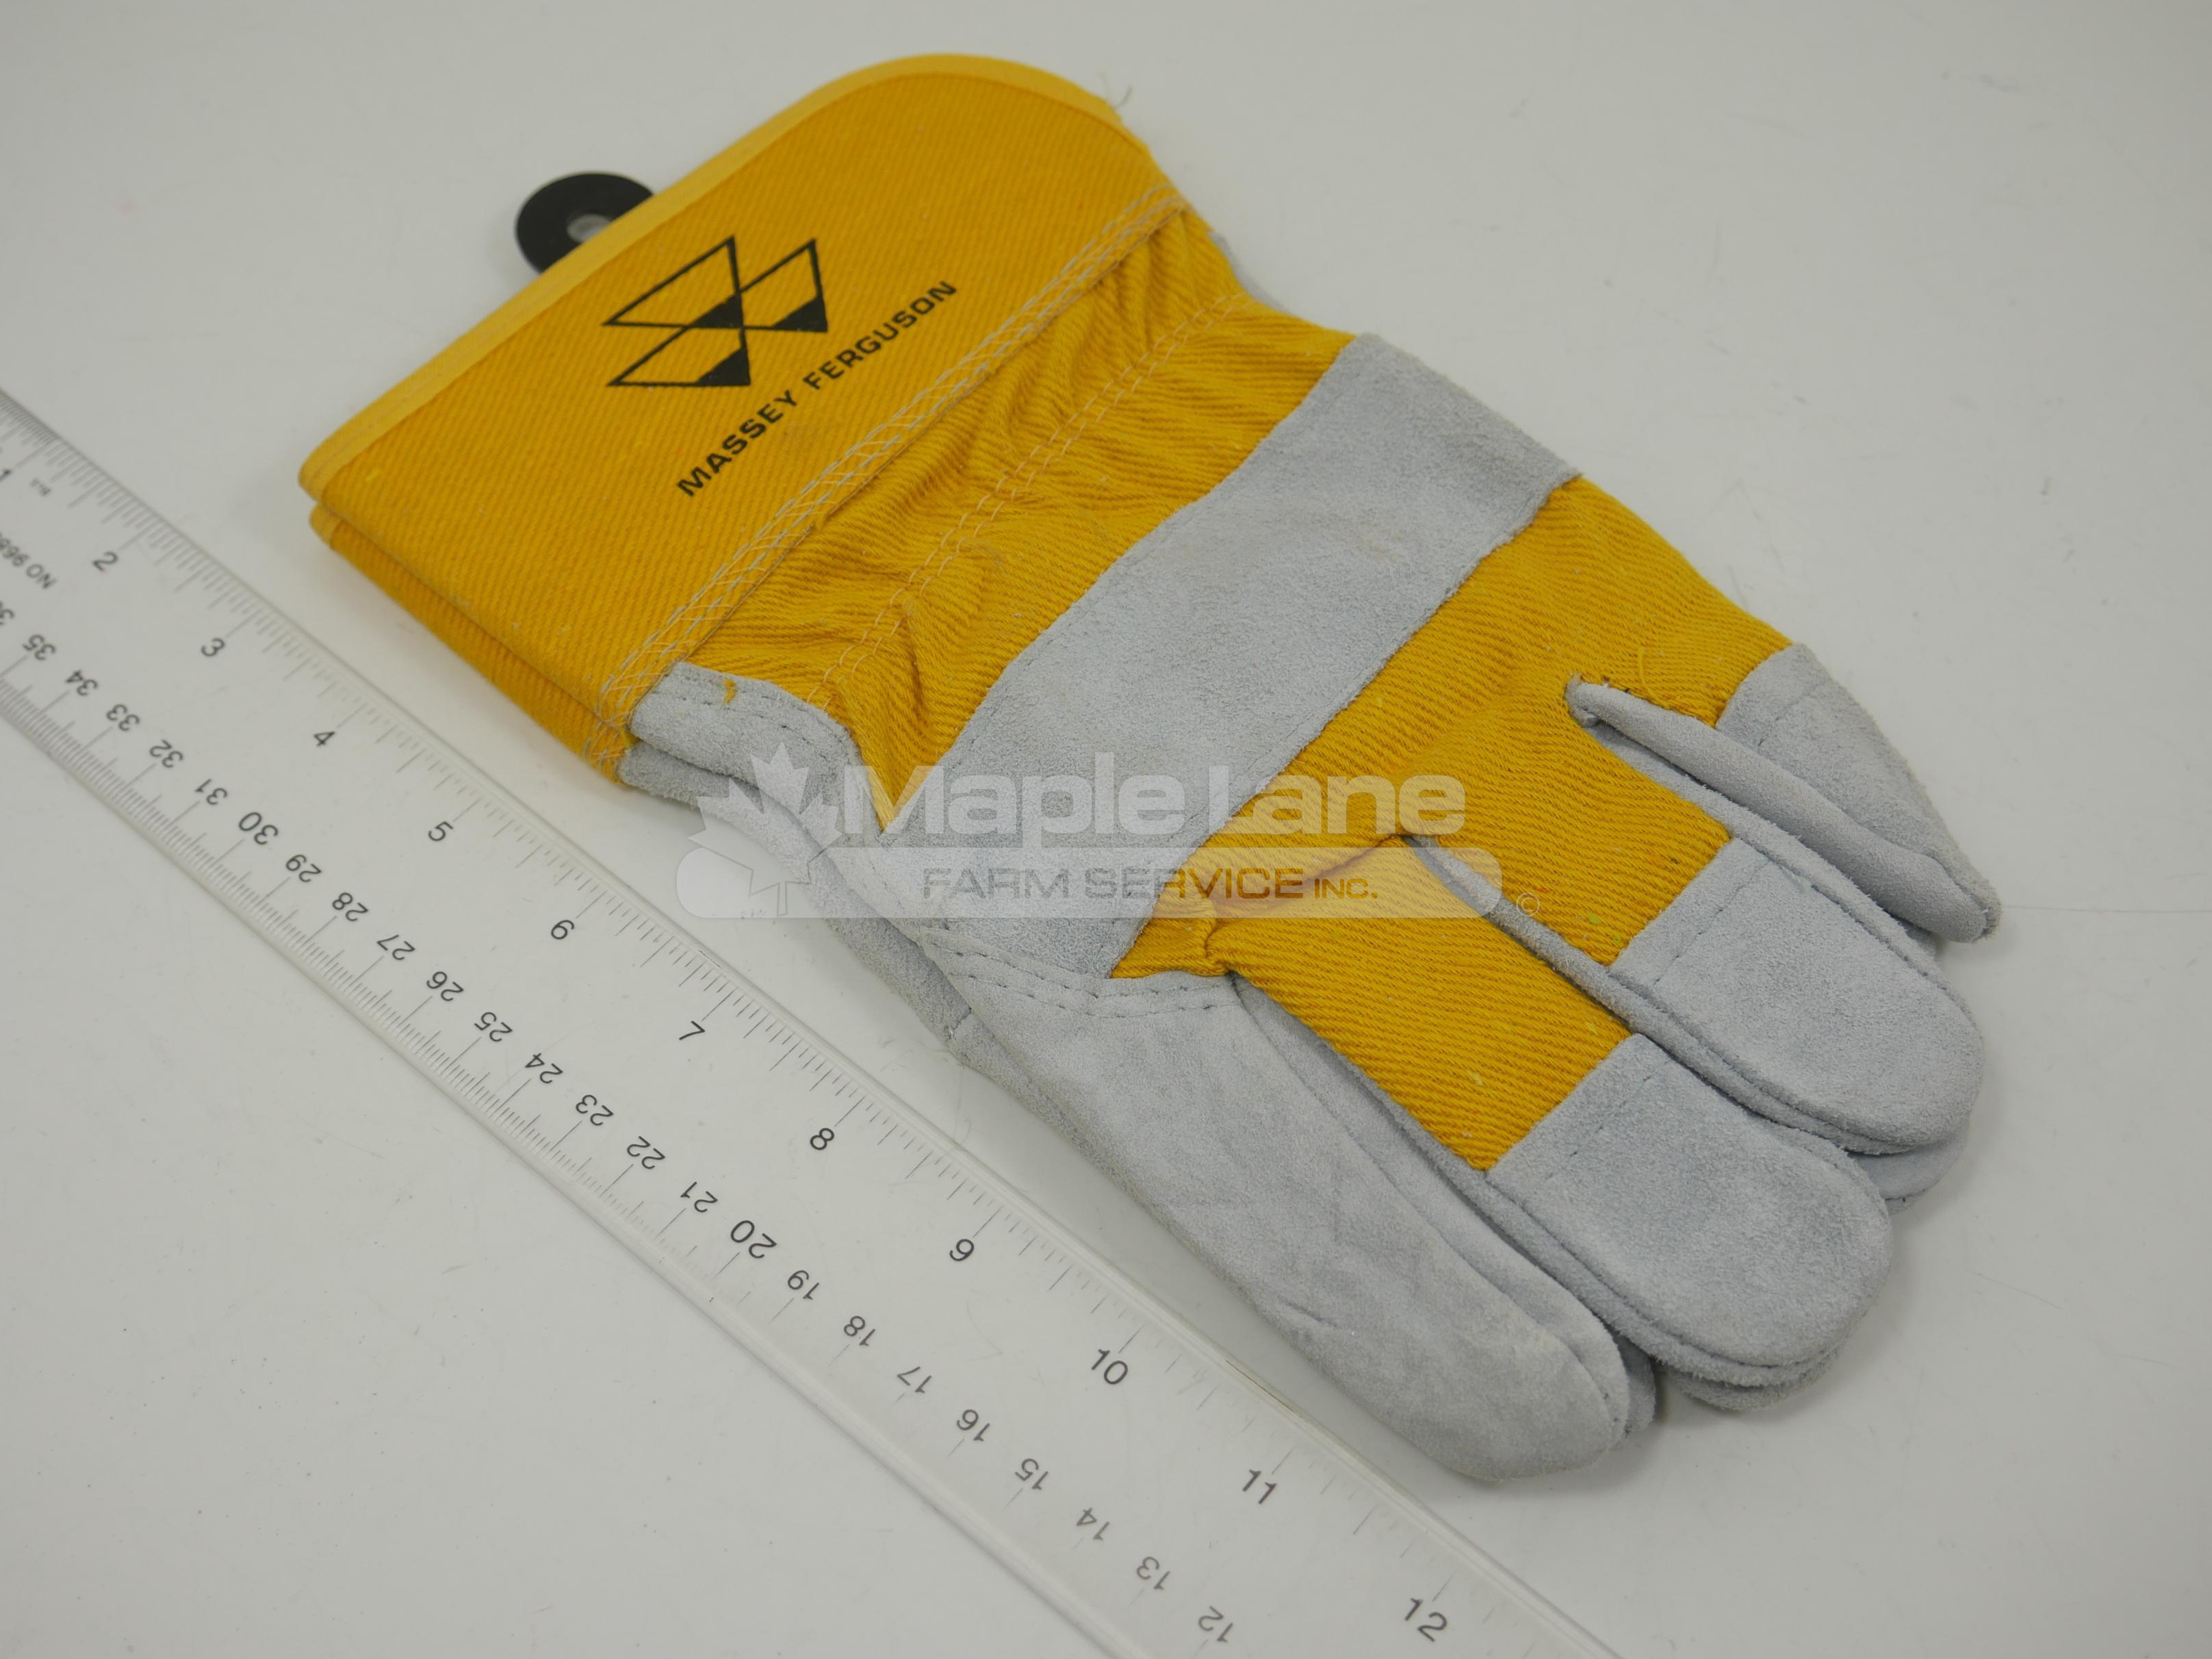 Massey Ferguson Work Gloves